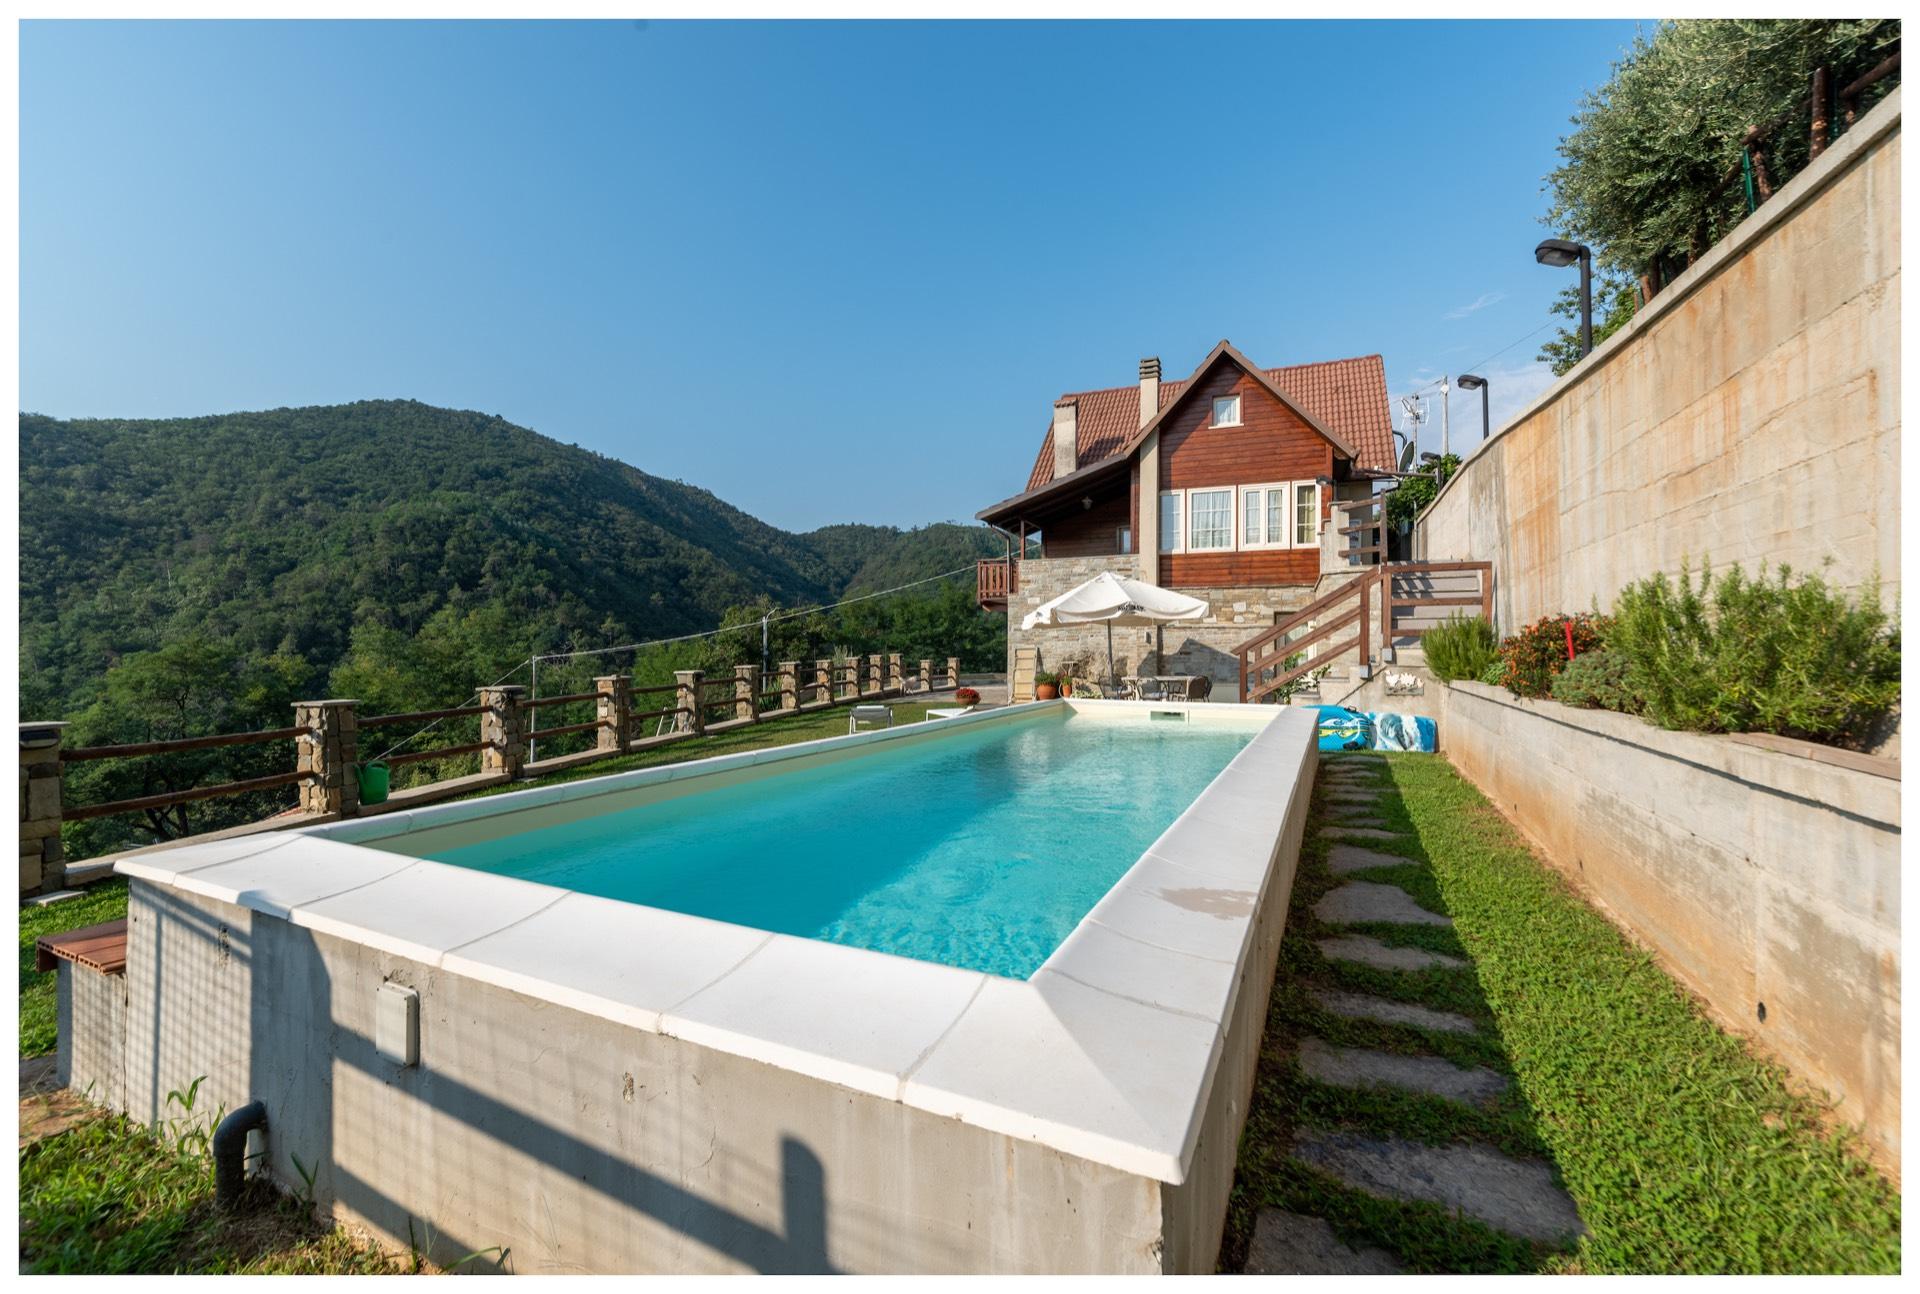 Villa in vendita a Stella, 6 locali, zona Località: SanMartino, prezzo € 470.000   PortaleAgenzieImmobiliari.it